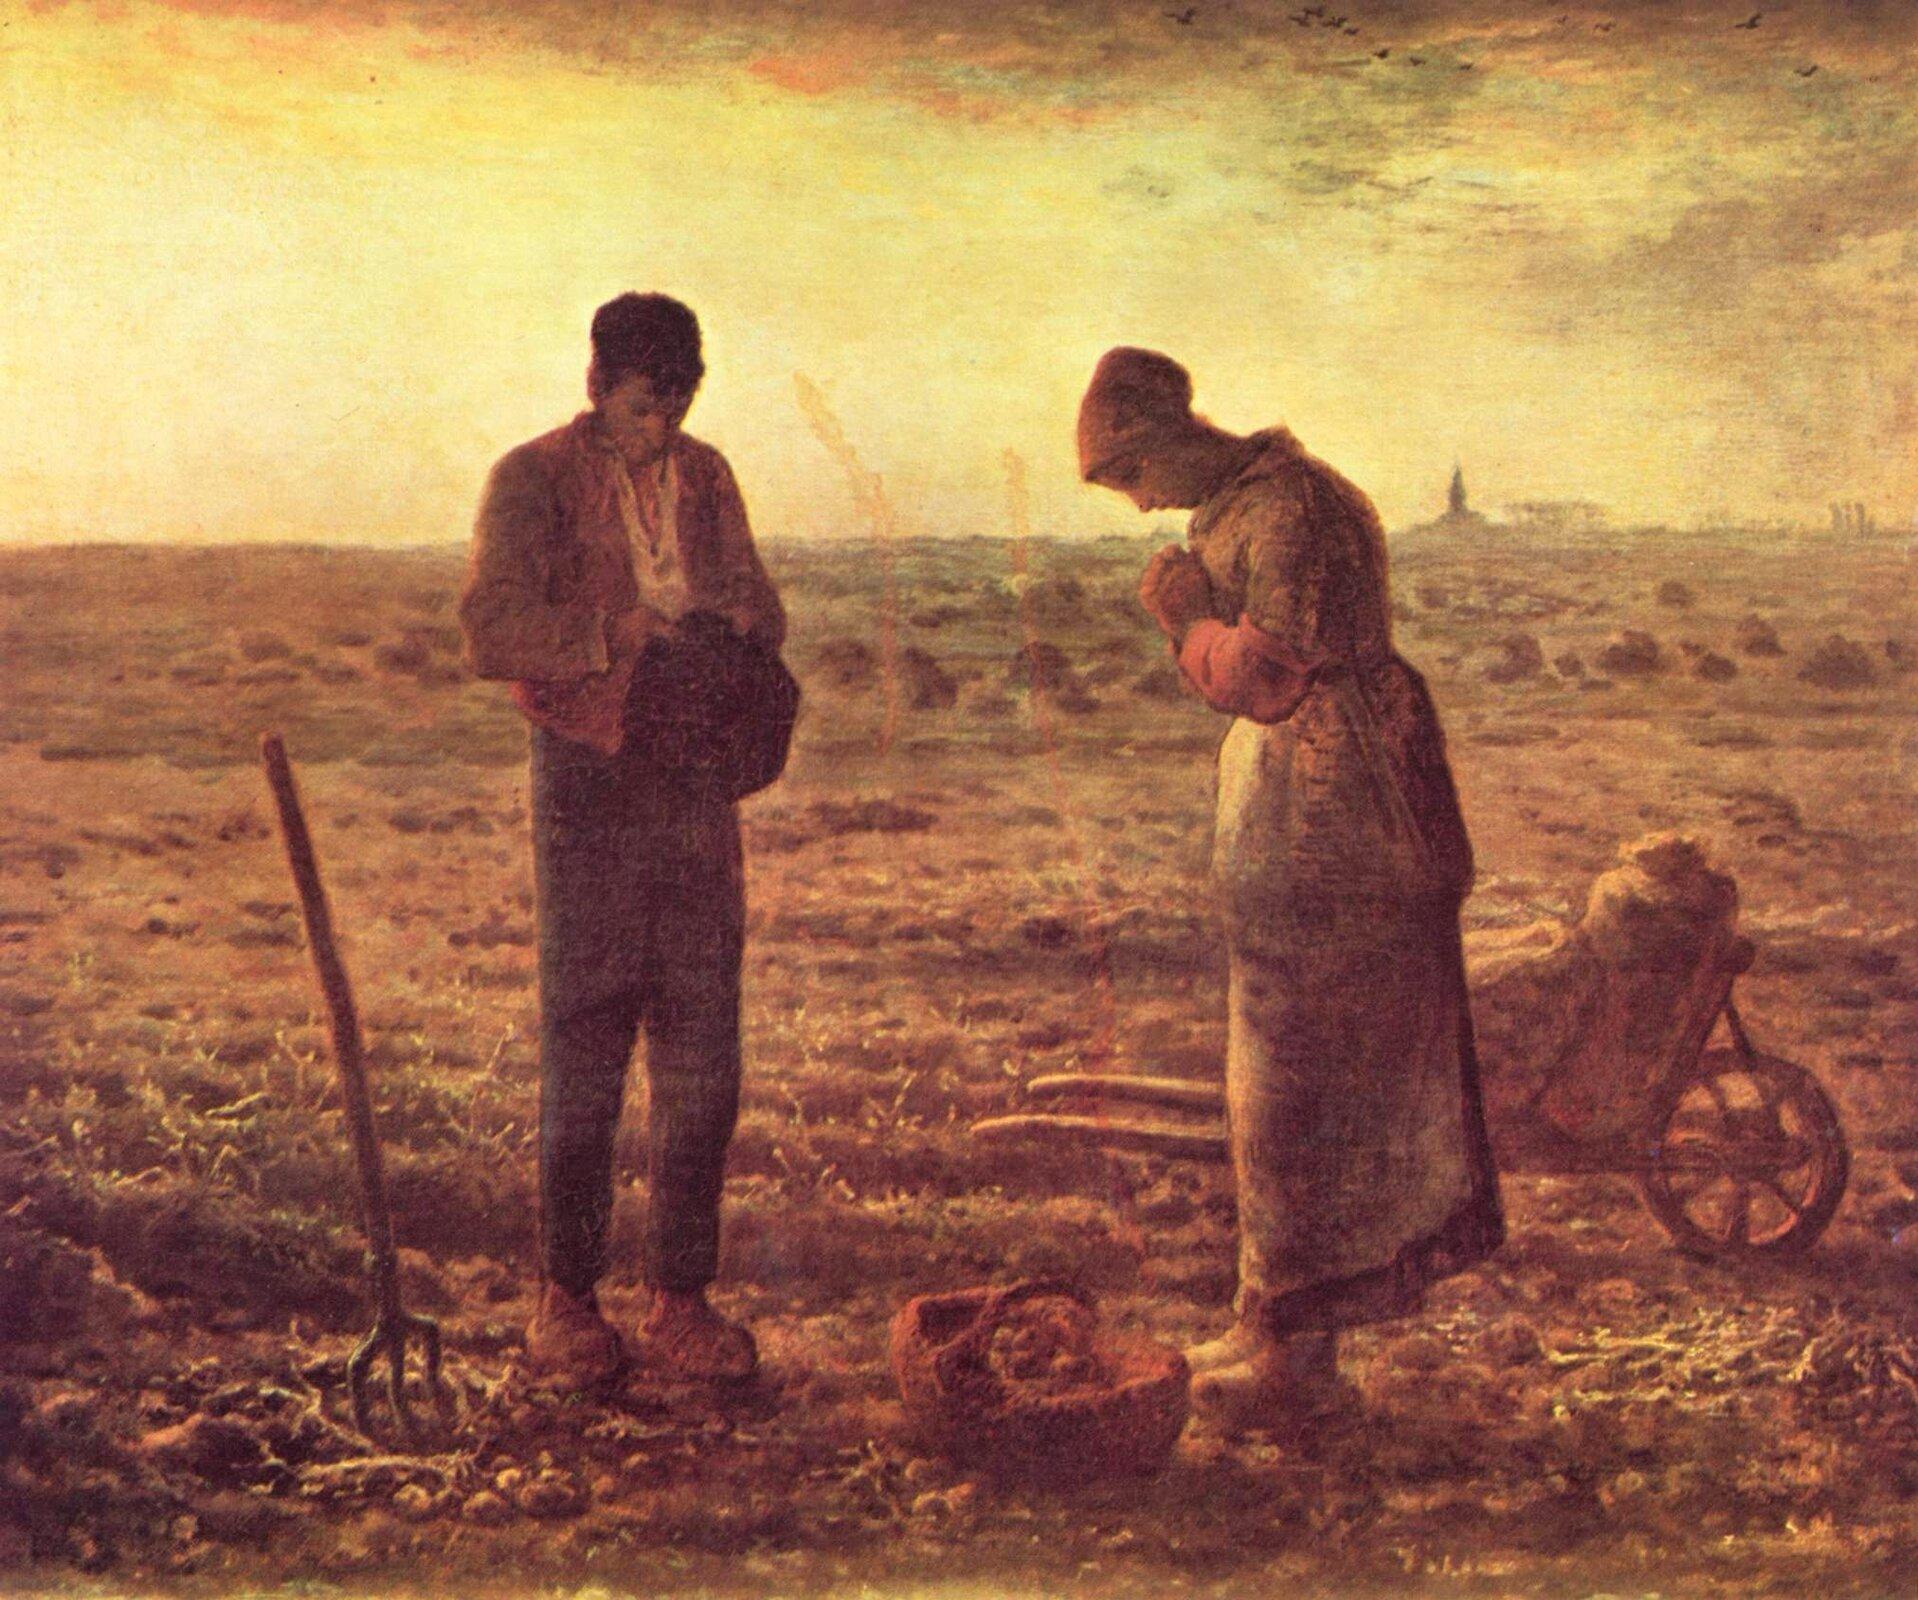 Jean-FrançoisMillet, Anioł Pański, 1857–1859 Jean-FrançoisMillet, Anioł Pański, 1857–1859 Źródło: domena publiczna.